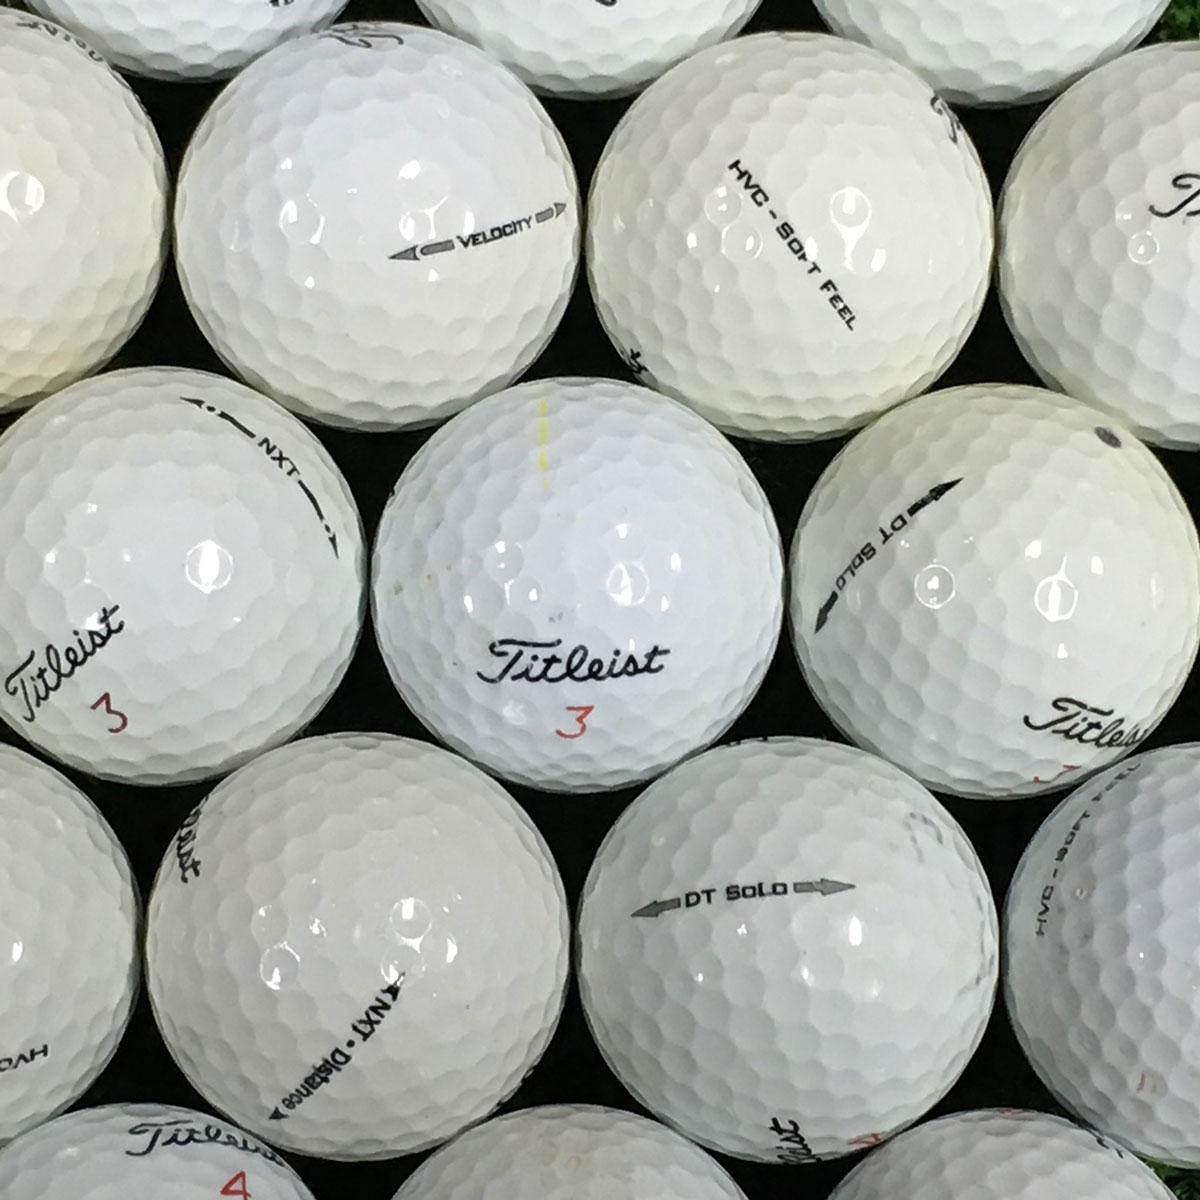 タイトリスト 銘柄混合 練習用ボール 500個セット